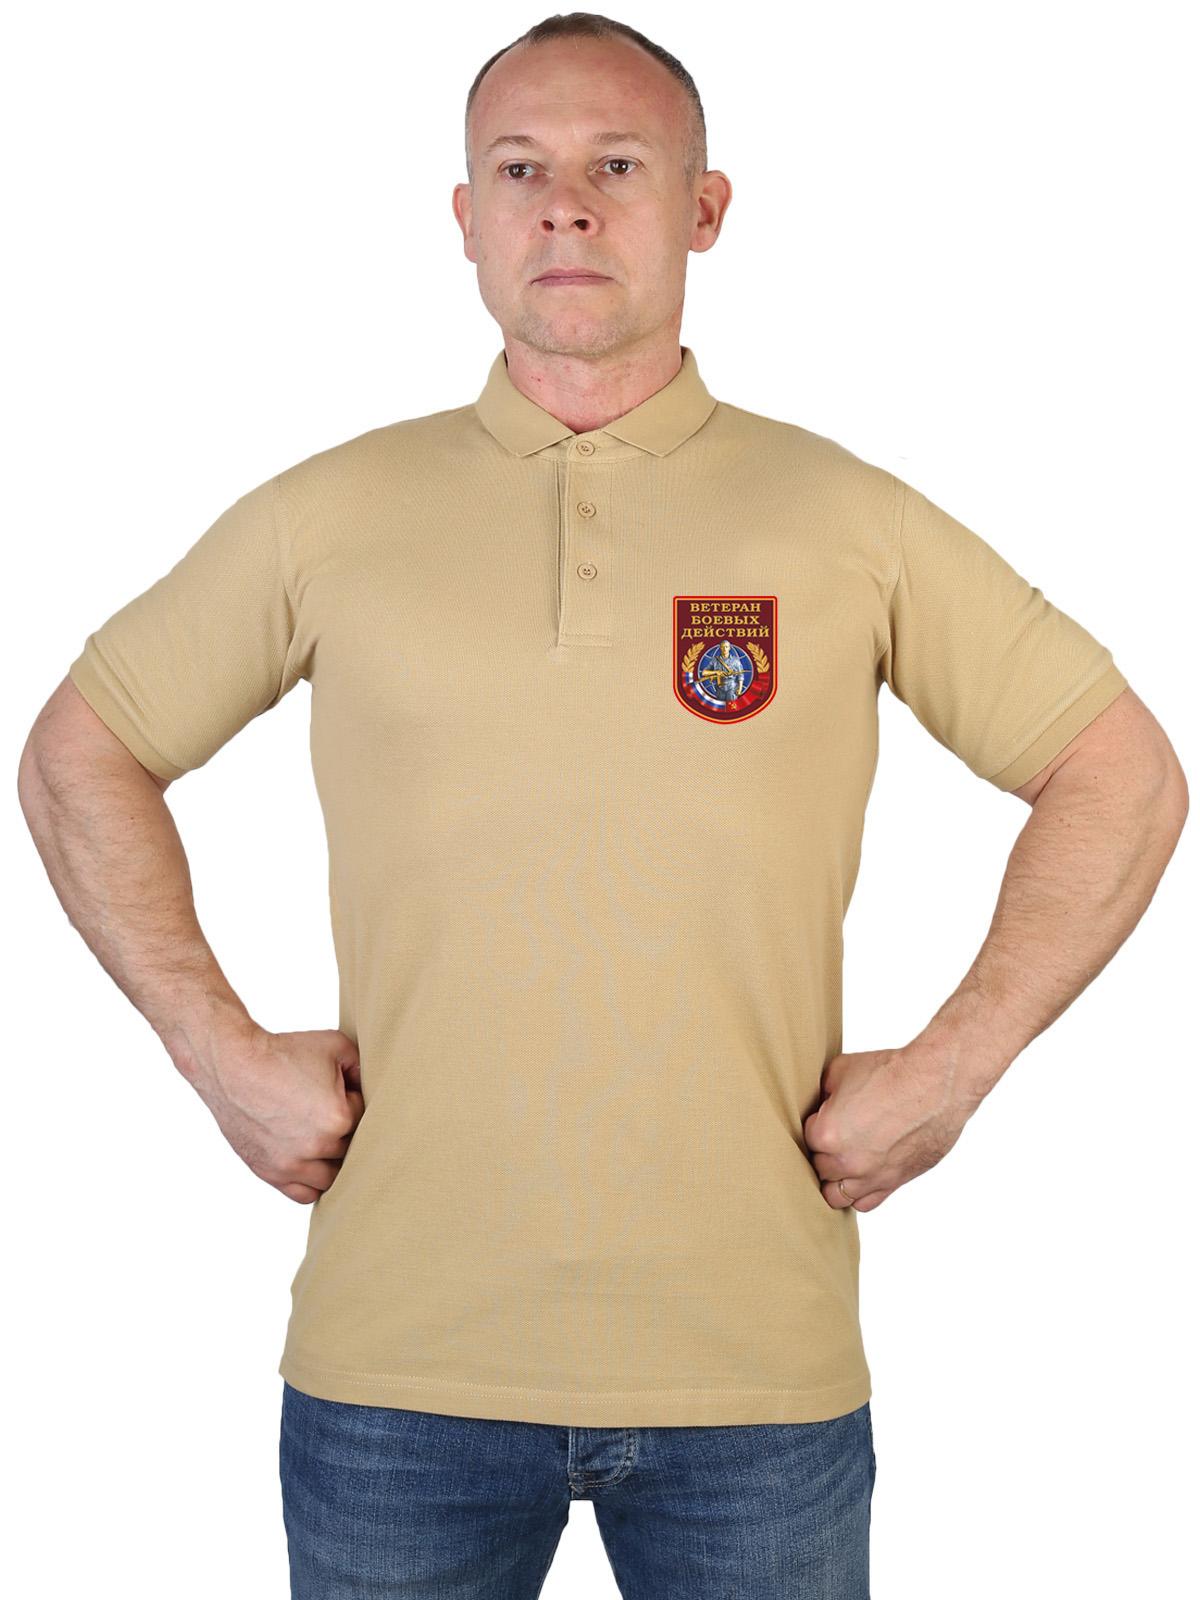 Купить оригинальную хлопковую футболку-поло с термонаклейкой ВБД онлайн